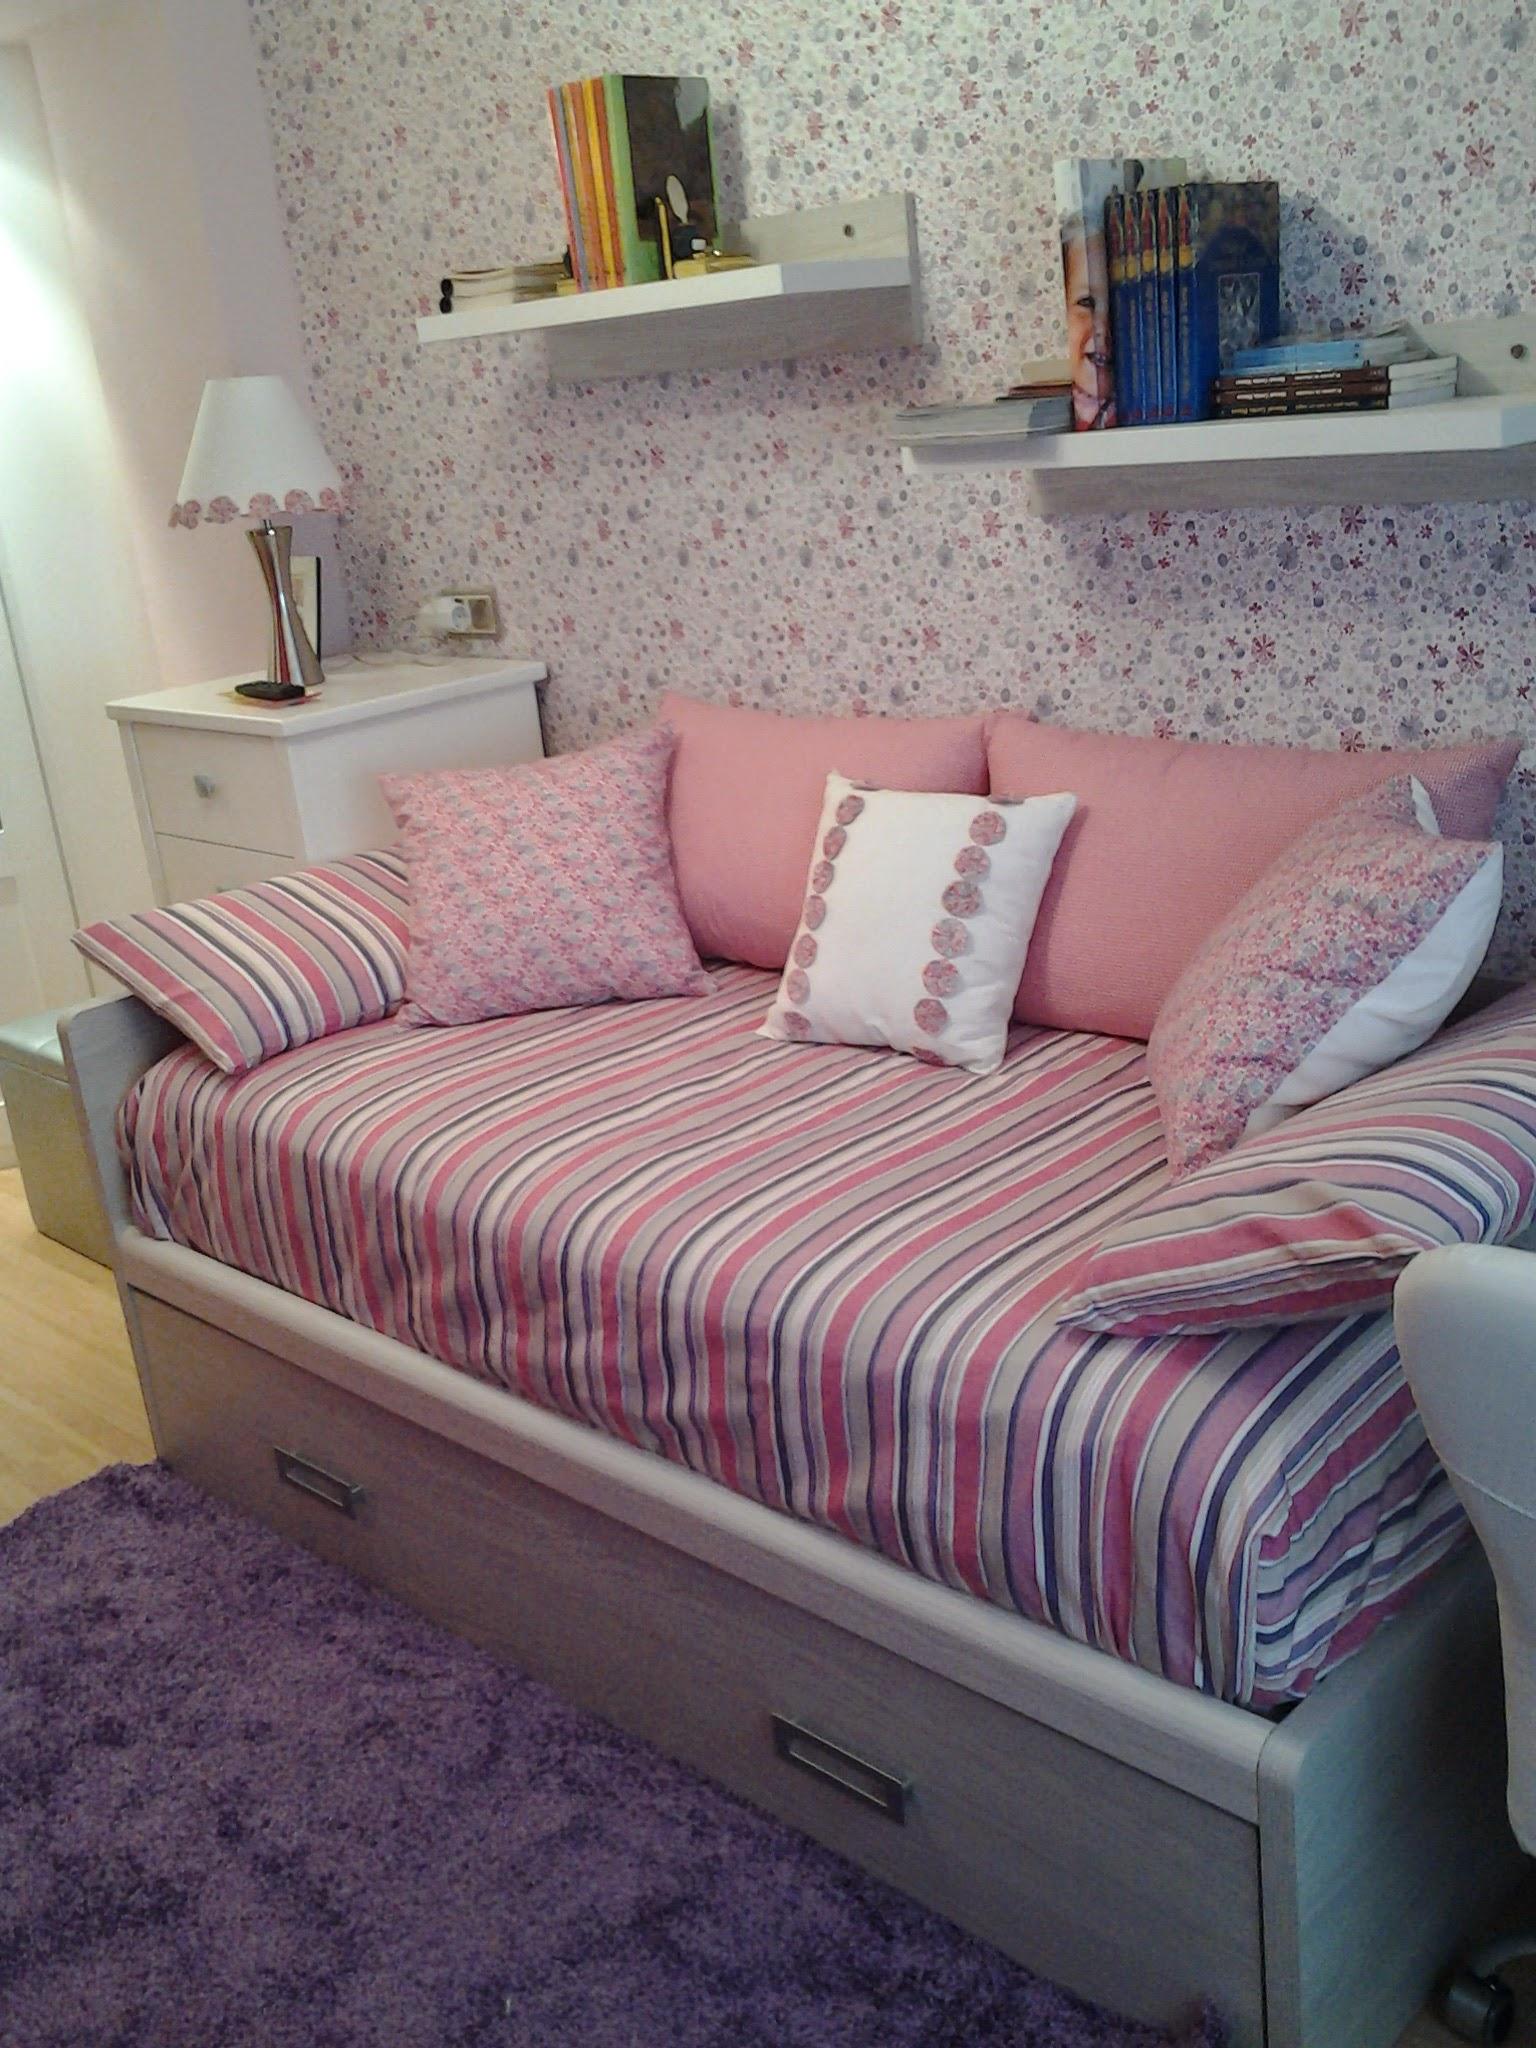 Coordinados textiles ropa de cama camengo colecci n - Decoracion ropa de cama ...